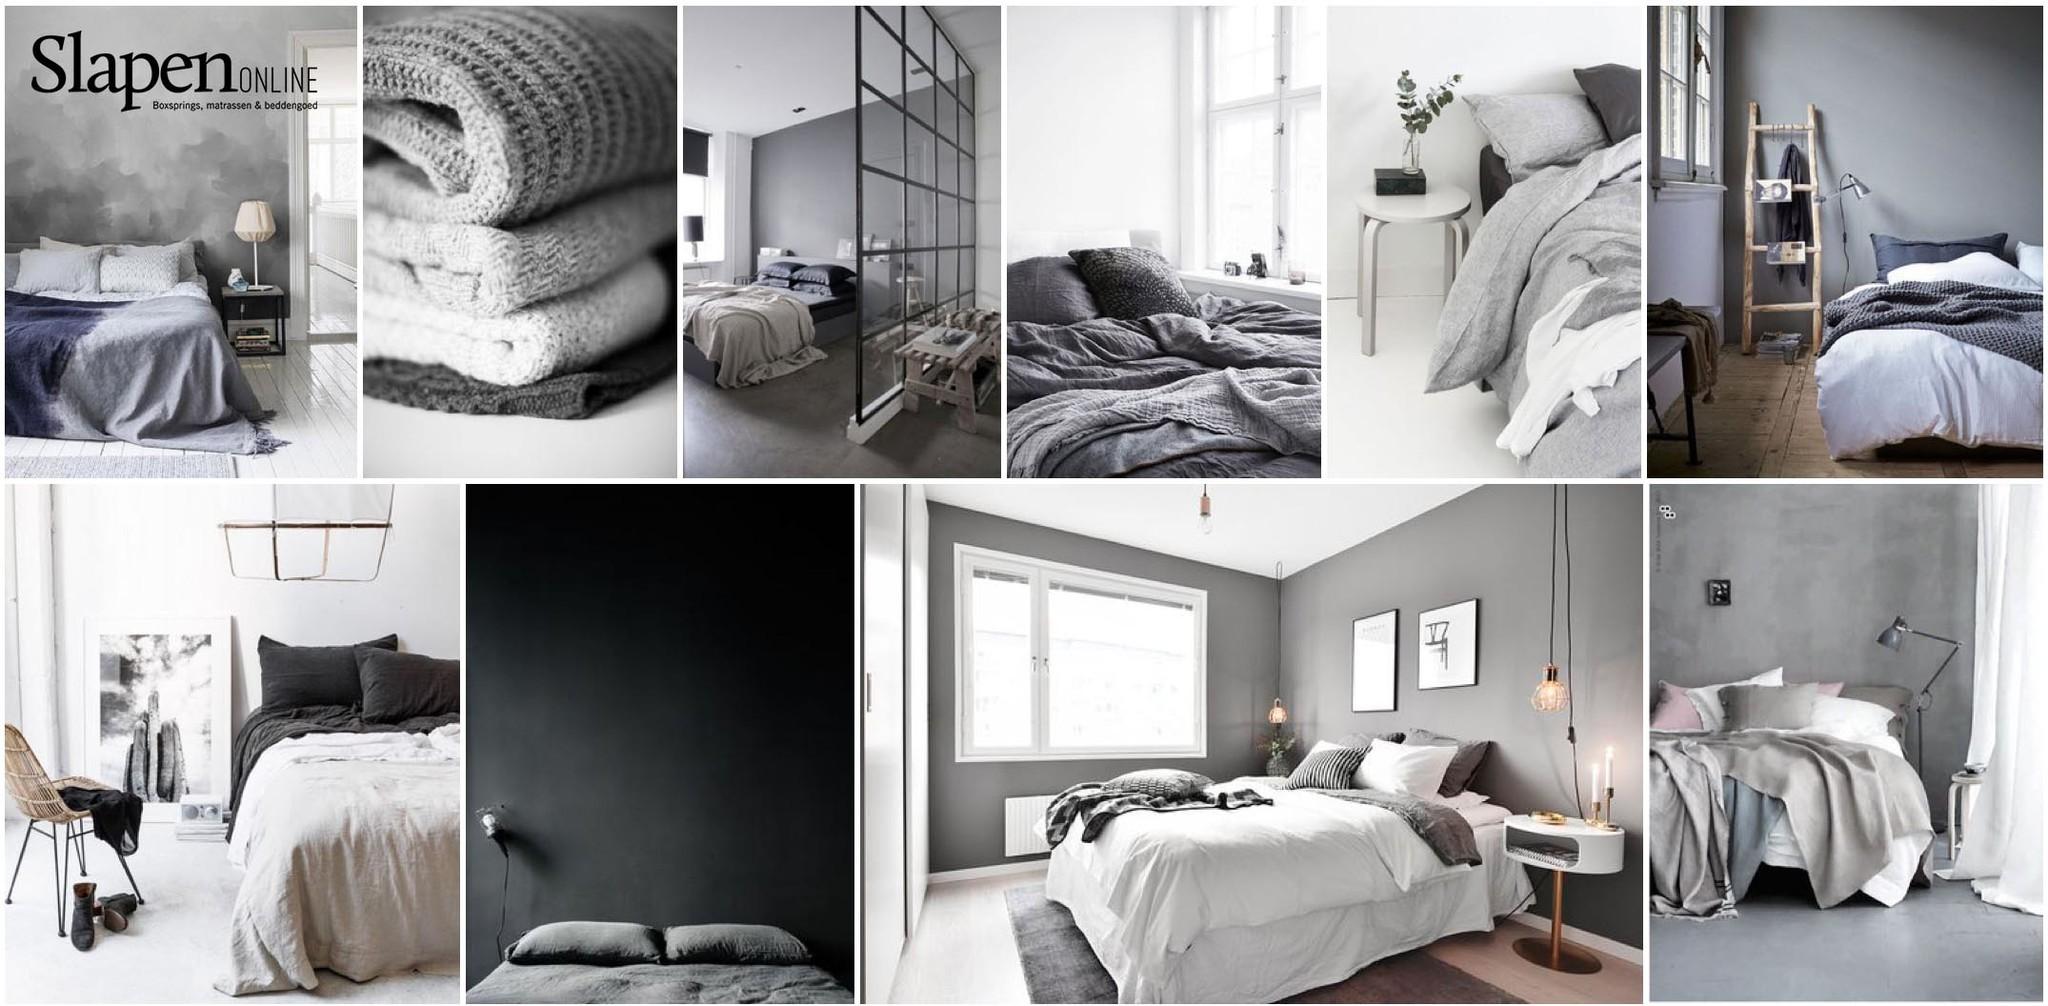 De kleur grijs in de slaapkamer bij Slapen Online